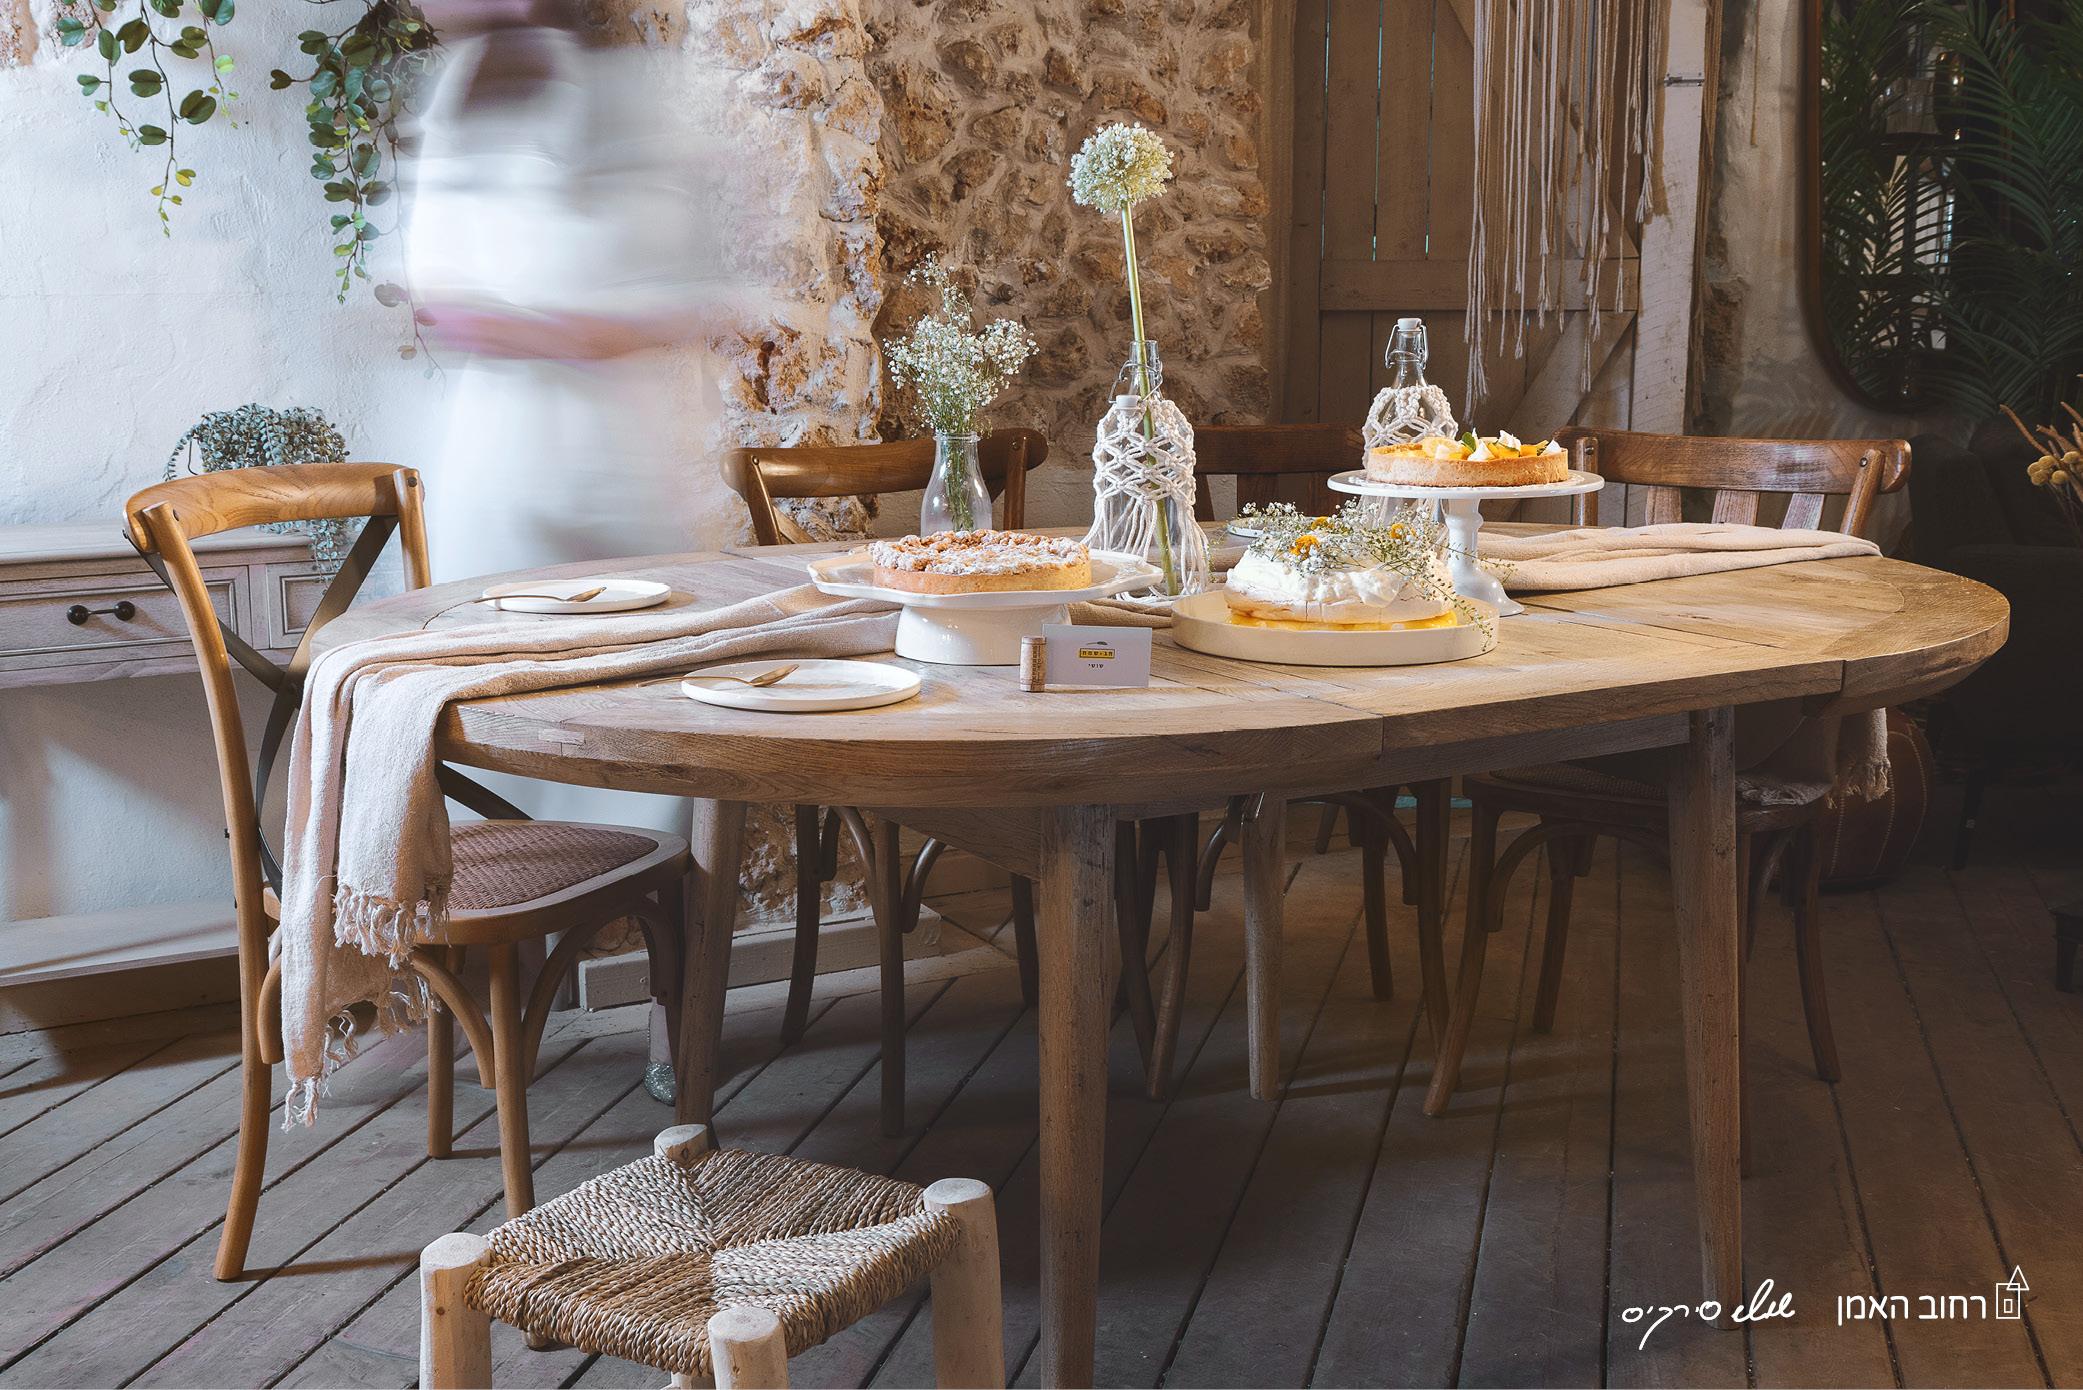 חוגגות שבועות- עיצוב שולחן שבועות ומתכוני חג